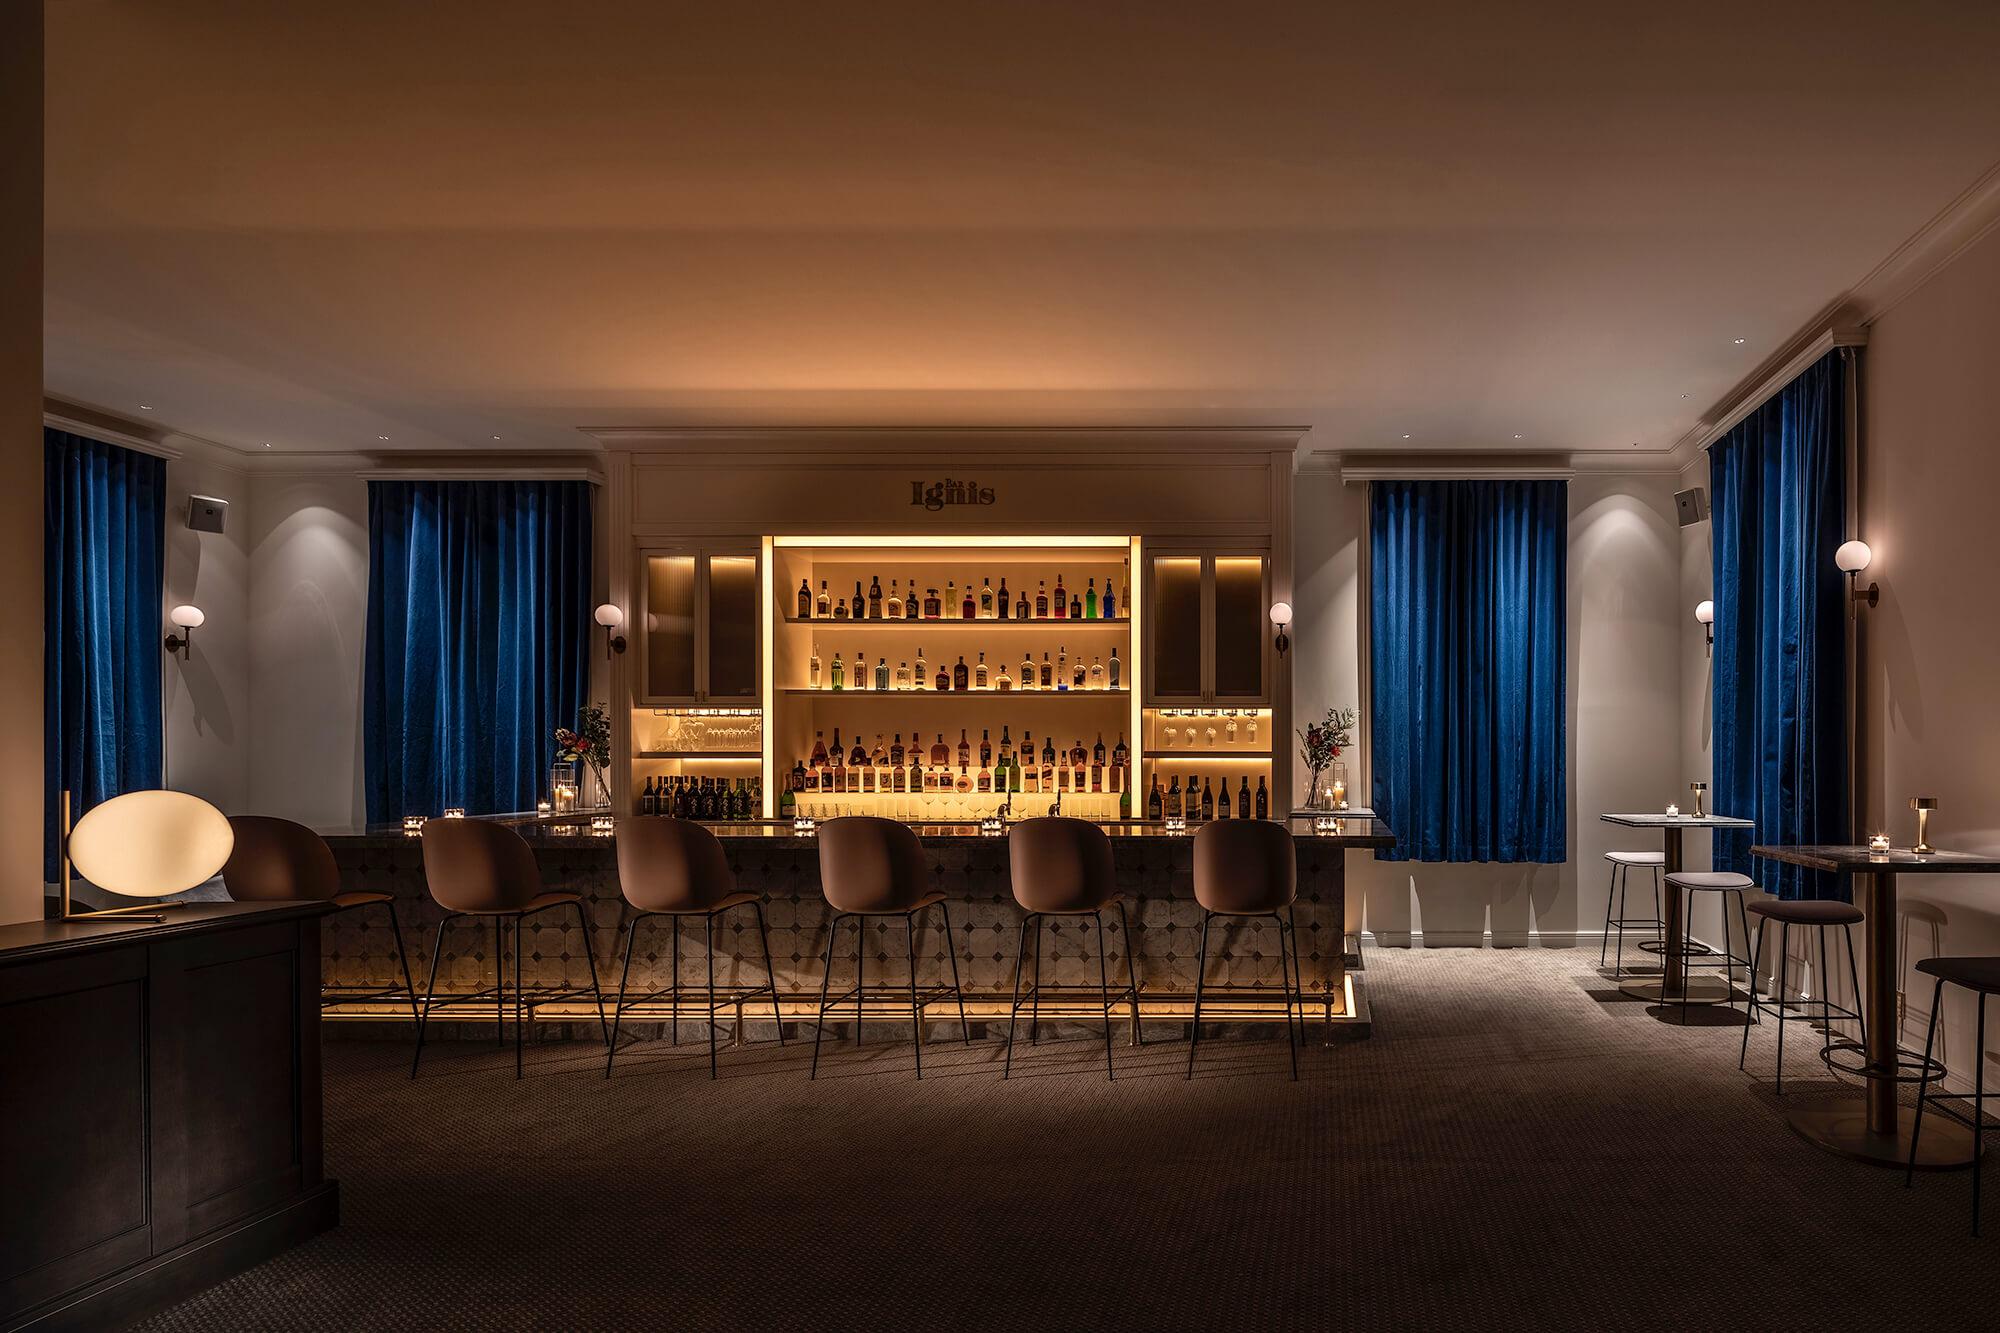 UNWIND HOTEL&BAR小樽 / シンプル素泊りプラン【フリーワインサービス付き(17時〜18時30分)】